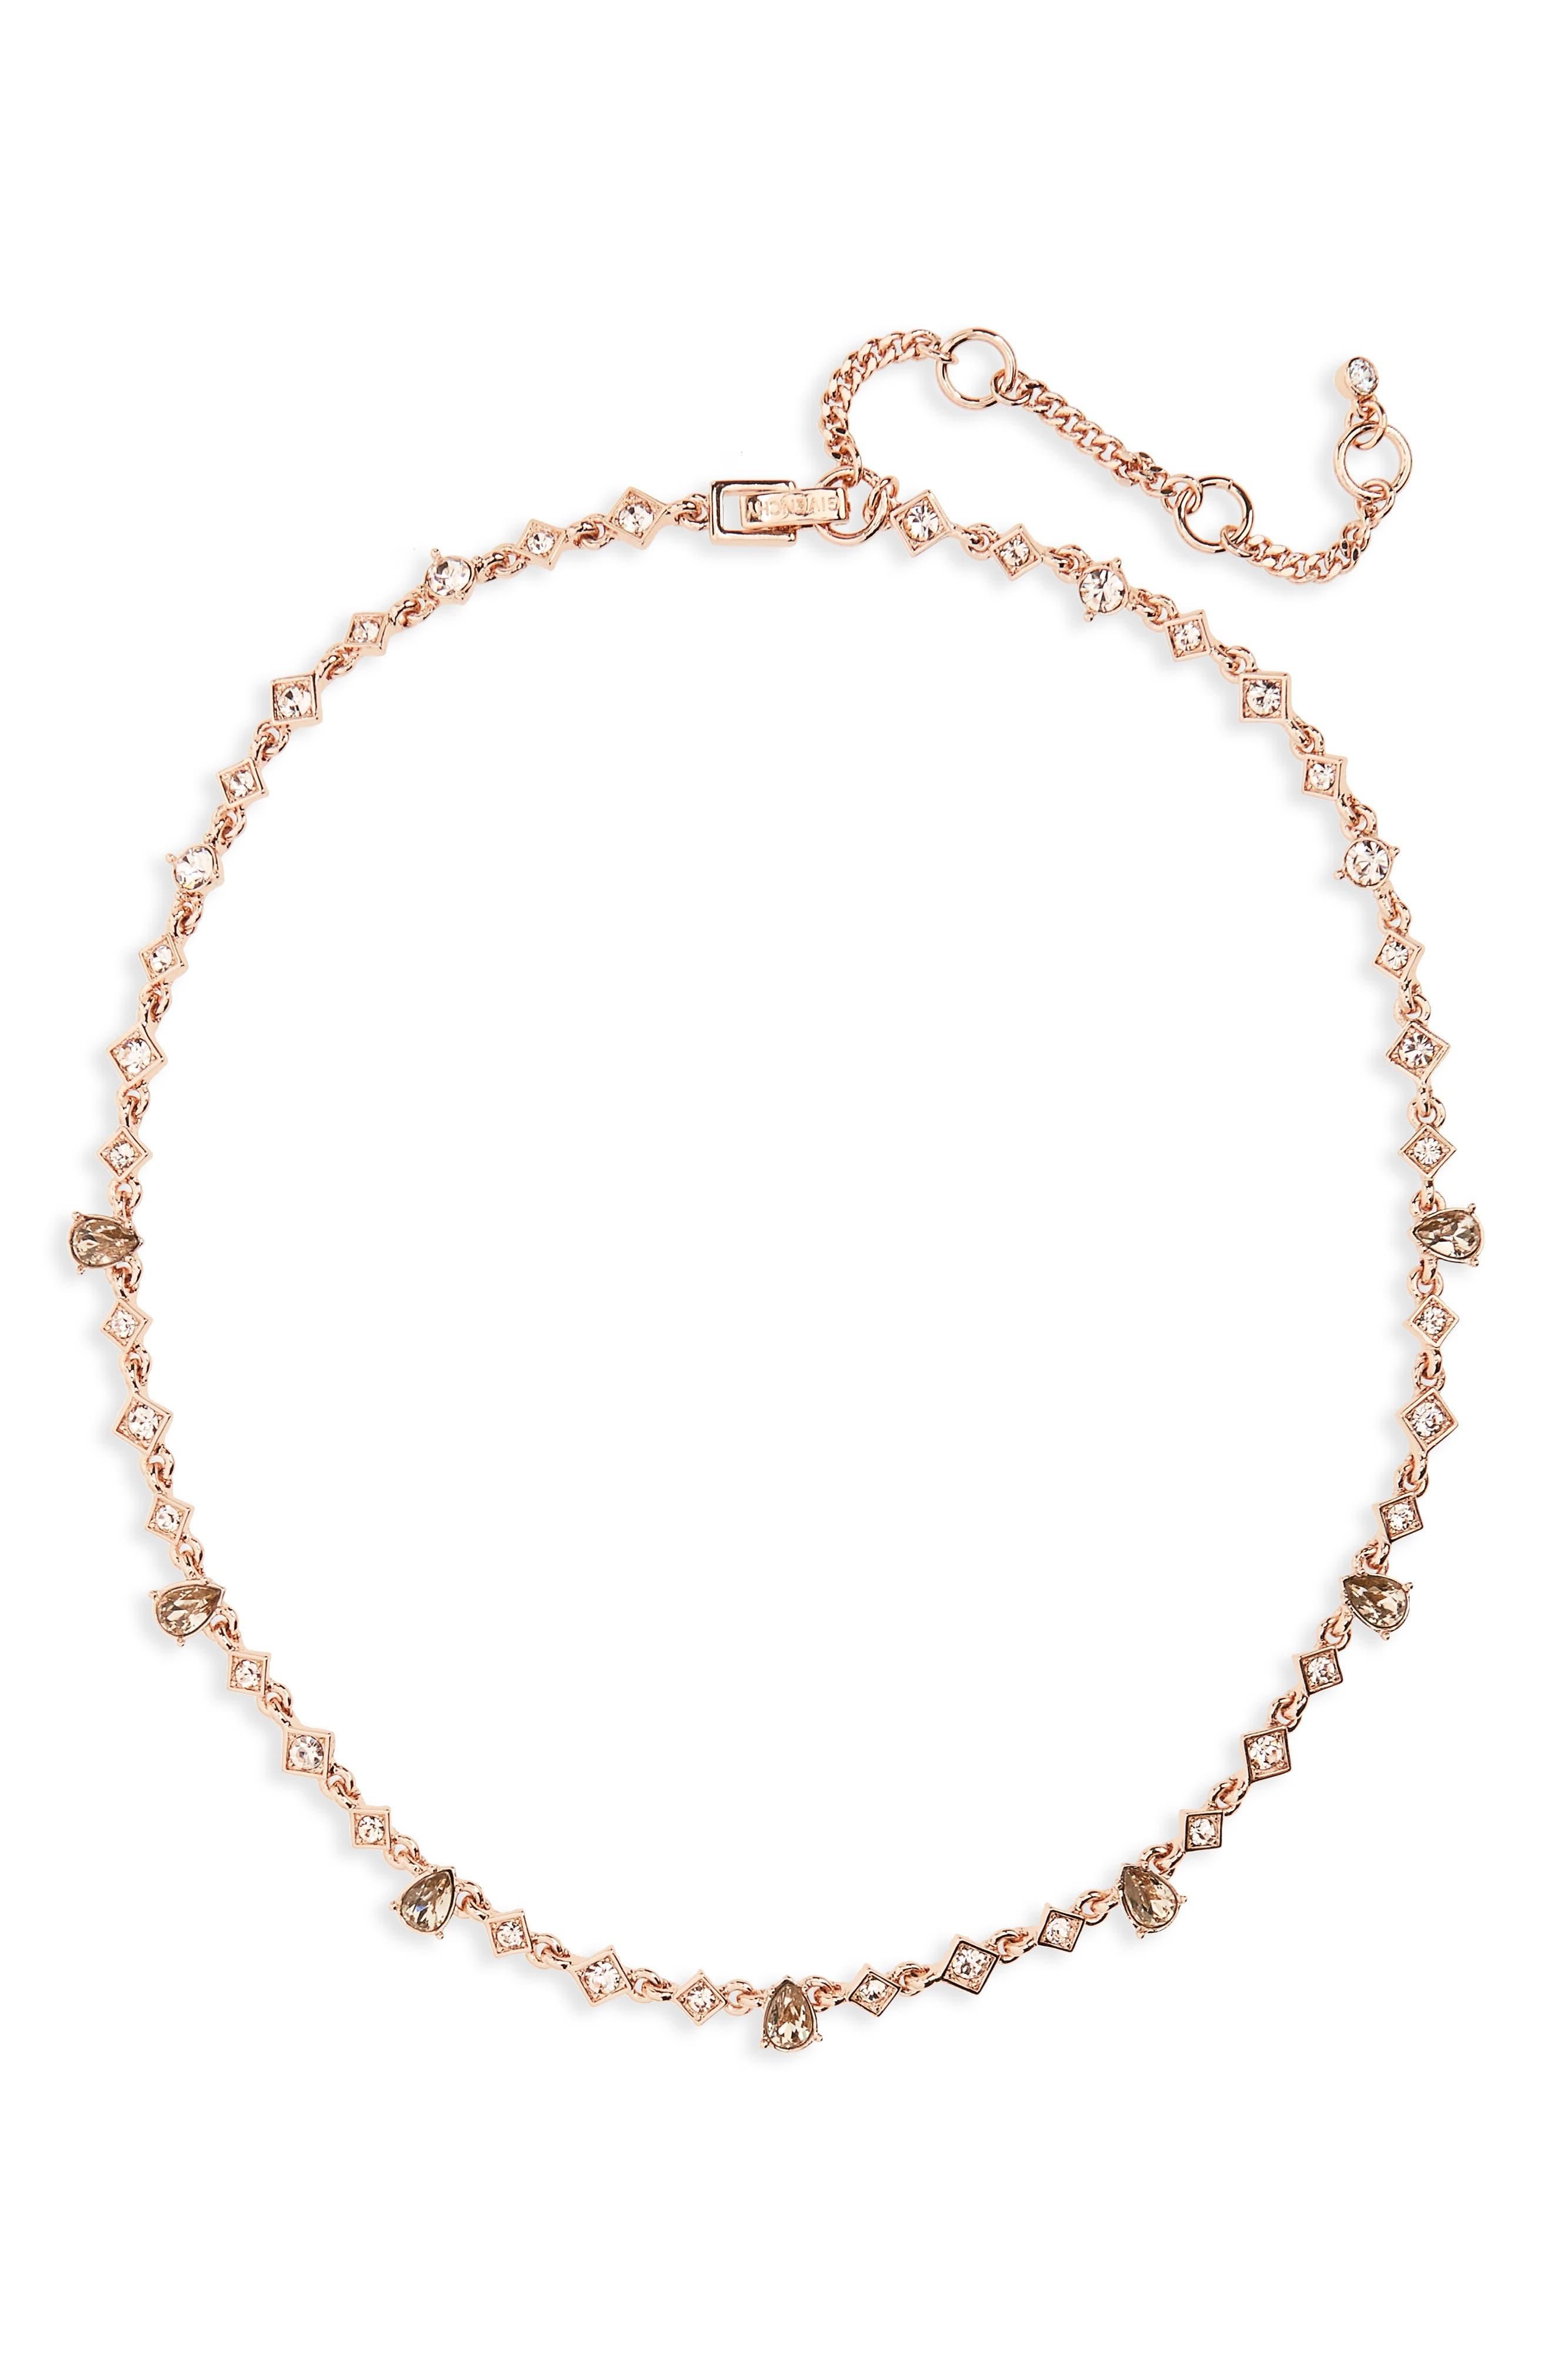 Givenchy Savannah Collar Necklace